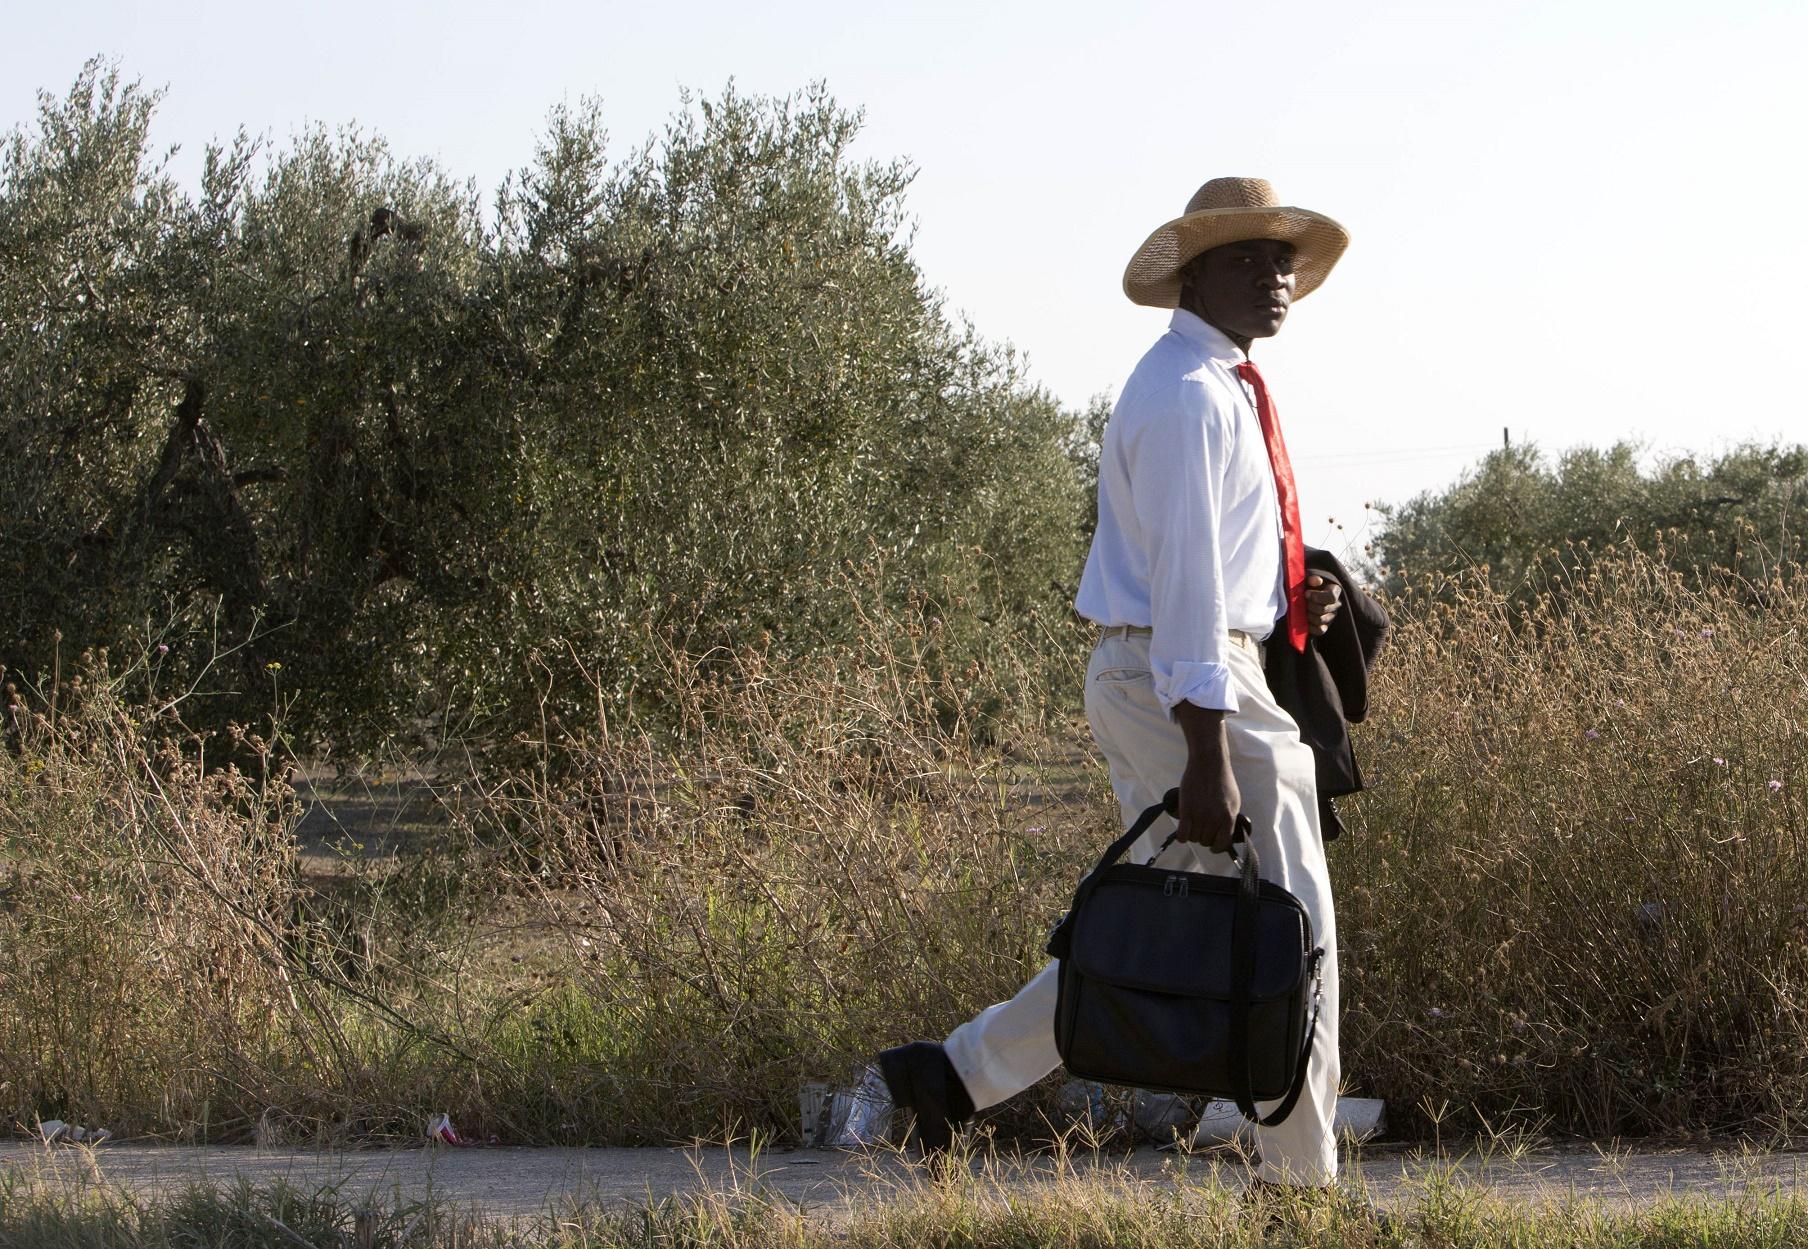 Pesquisas indicam que 430 mil pessoas trabalham ilegalmente nos campos italianos. Destas, 80% são imigrantes. Foto de Riccardo De Luca